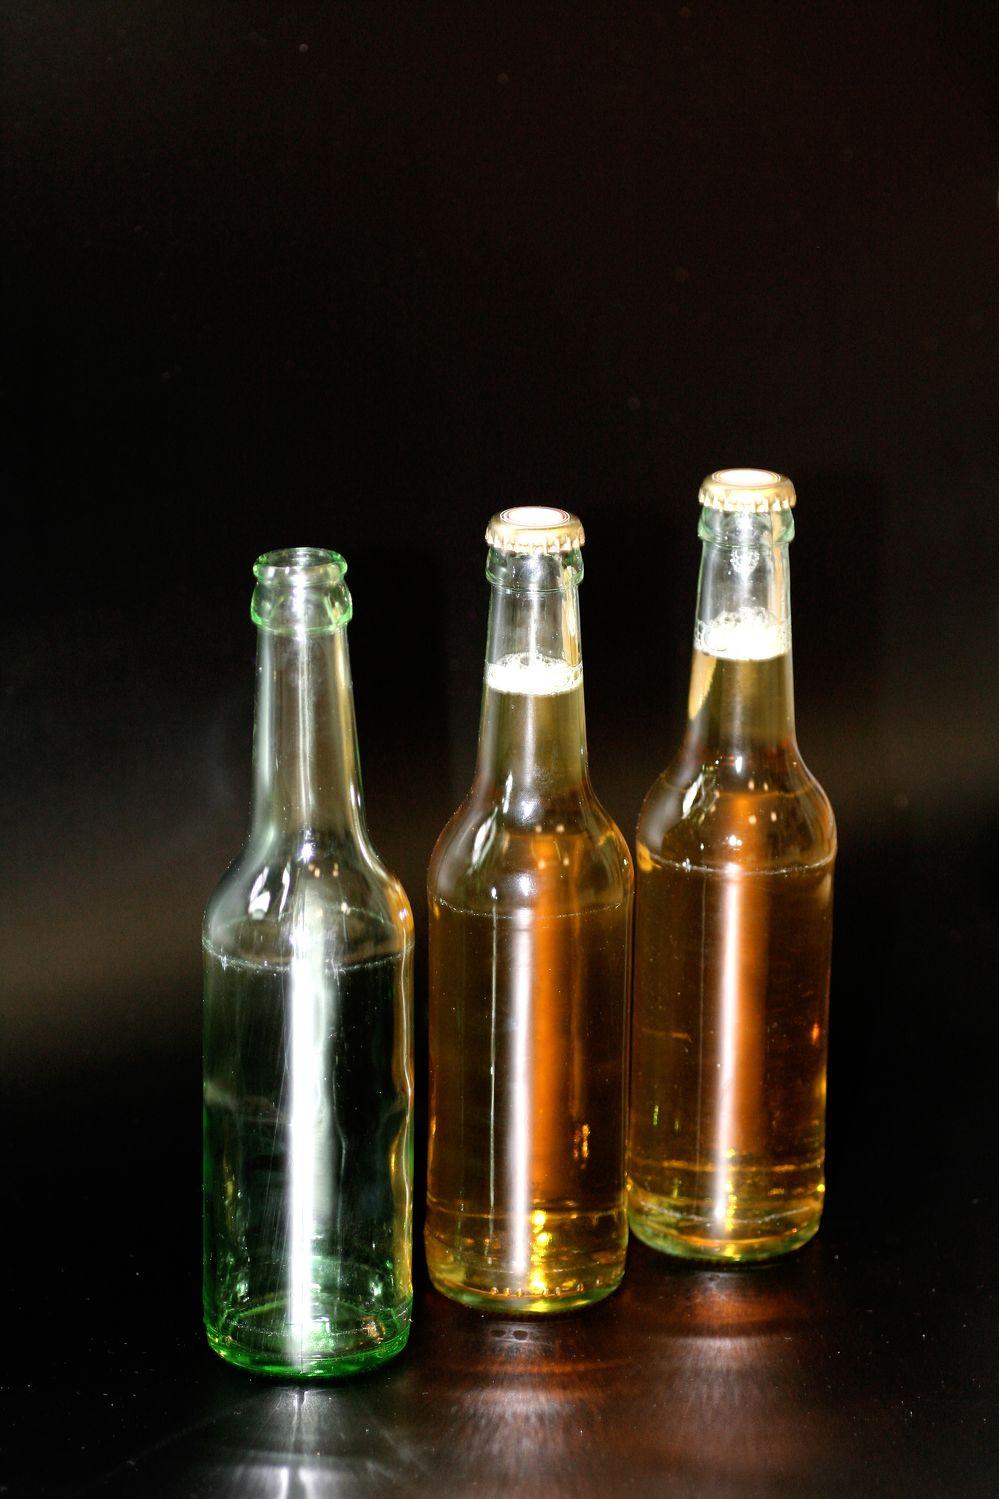 Bild mit Gegenstände, Lebensmittel, Materialien, Glas, Haushalt, Besteck und Geschirr, Trinken, Getränke, Alkohol, Flaschen, Küchenbild, Flasche, Küchenbilder, Küche